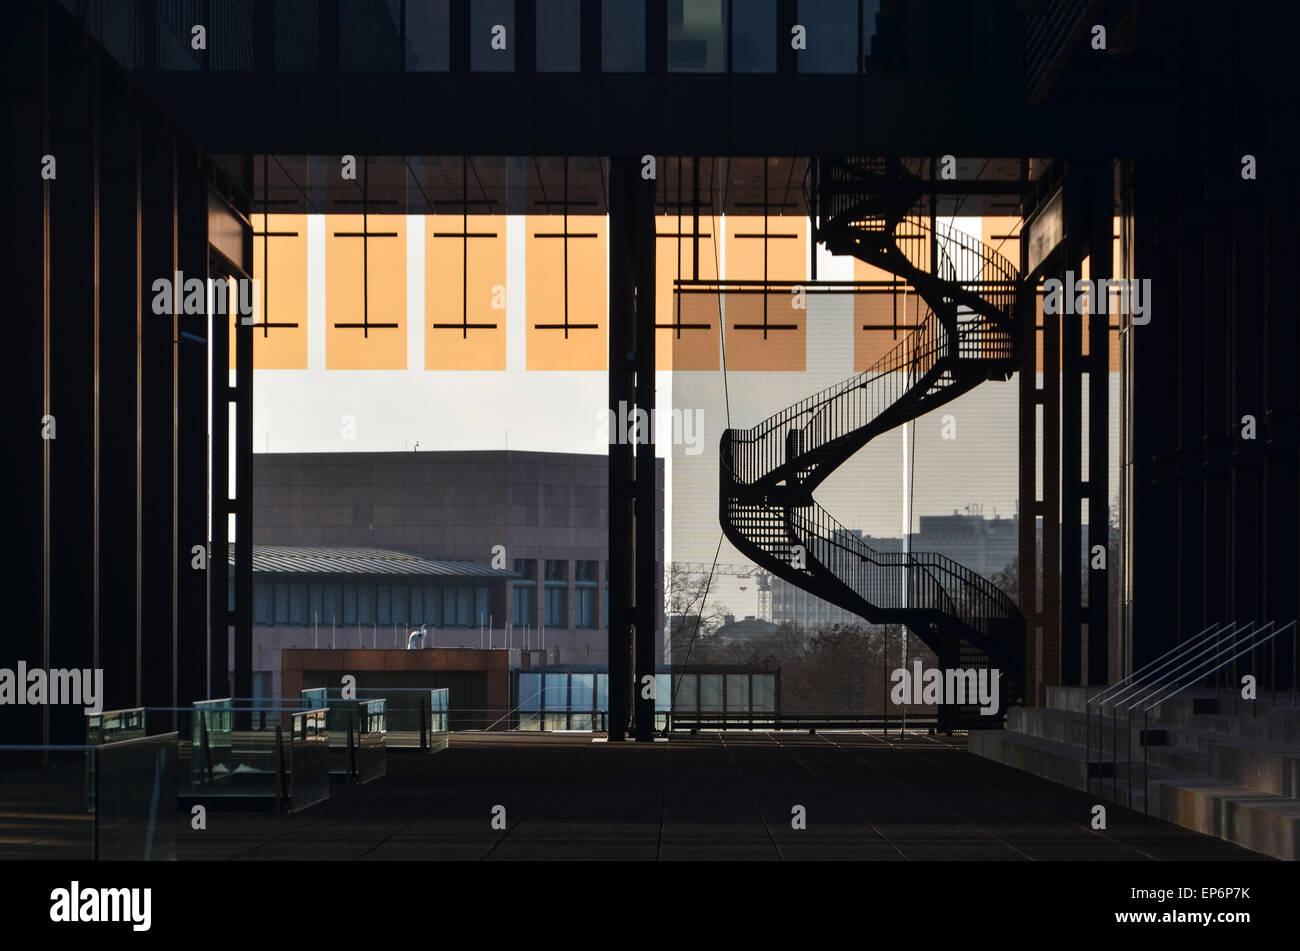 Architektur des Gerichtshofs der Europäischen Union, im Europäischen Viertel, Kirchberg, Luxemburg Stockbild